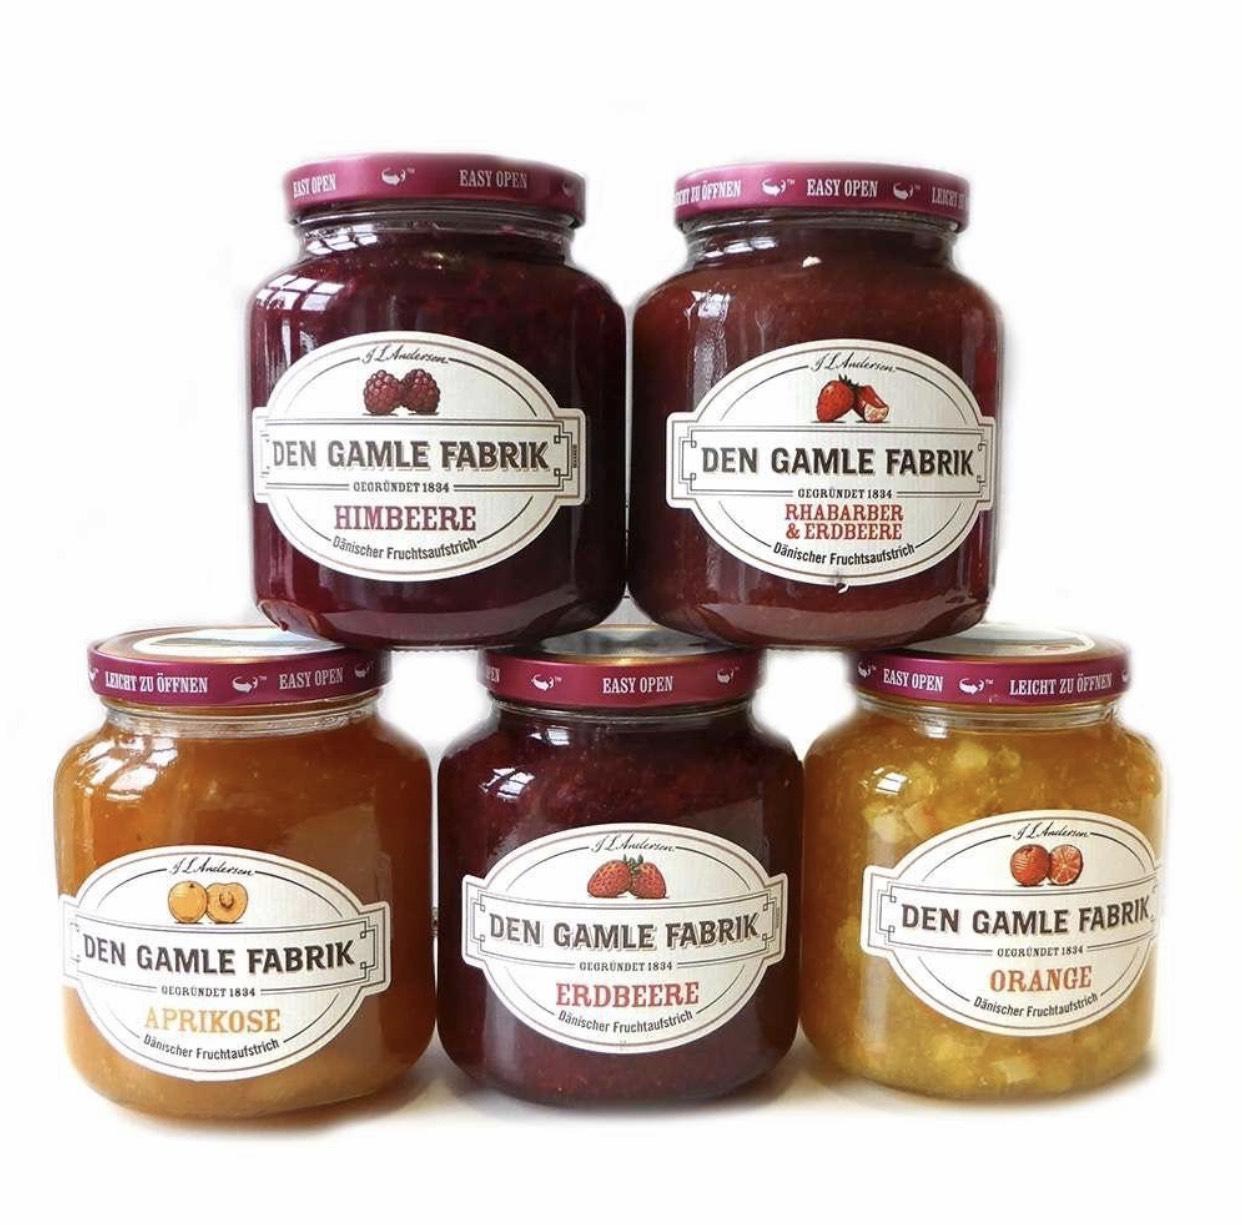 Den Gamle Fabrik Marmelade (Fruchtaufstrich) 900g verschiedene Sorten 3.69€ [Penny ab 25.03]